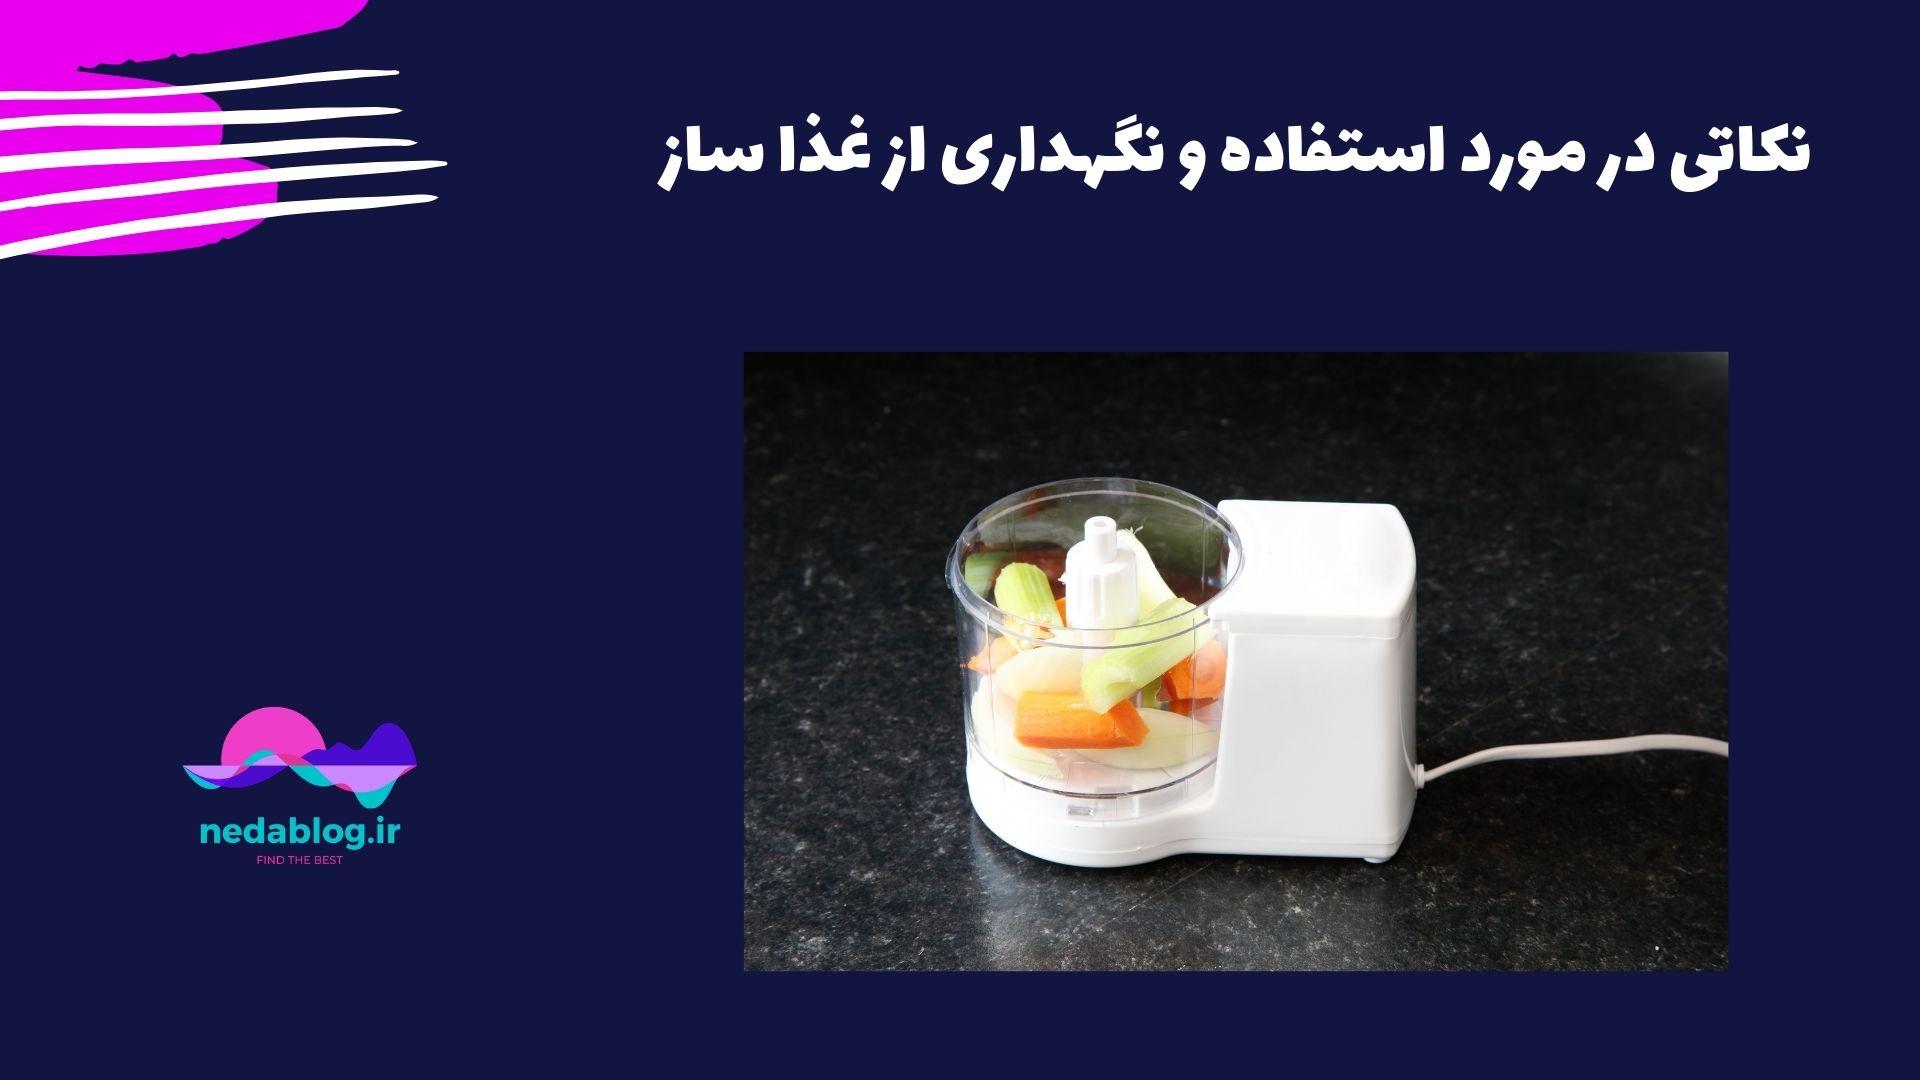 نکاتی در مورد استفاده و نگهداری از غذا ساز